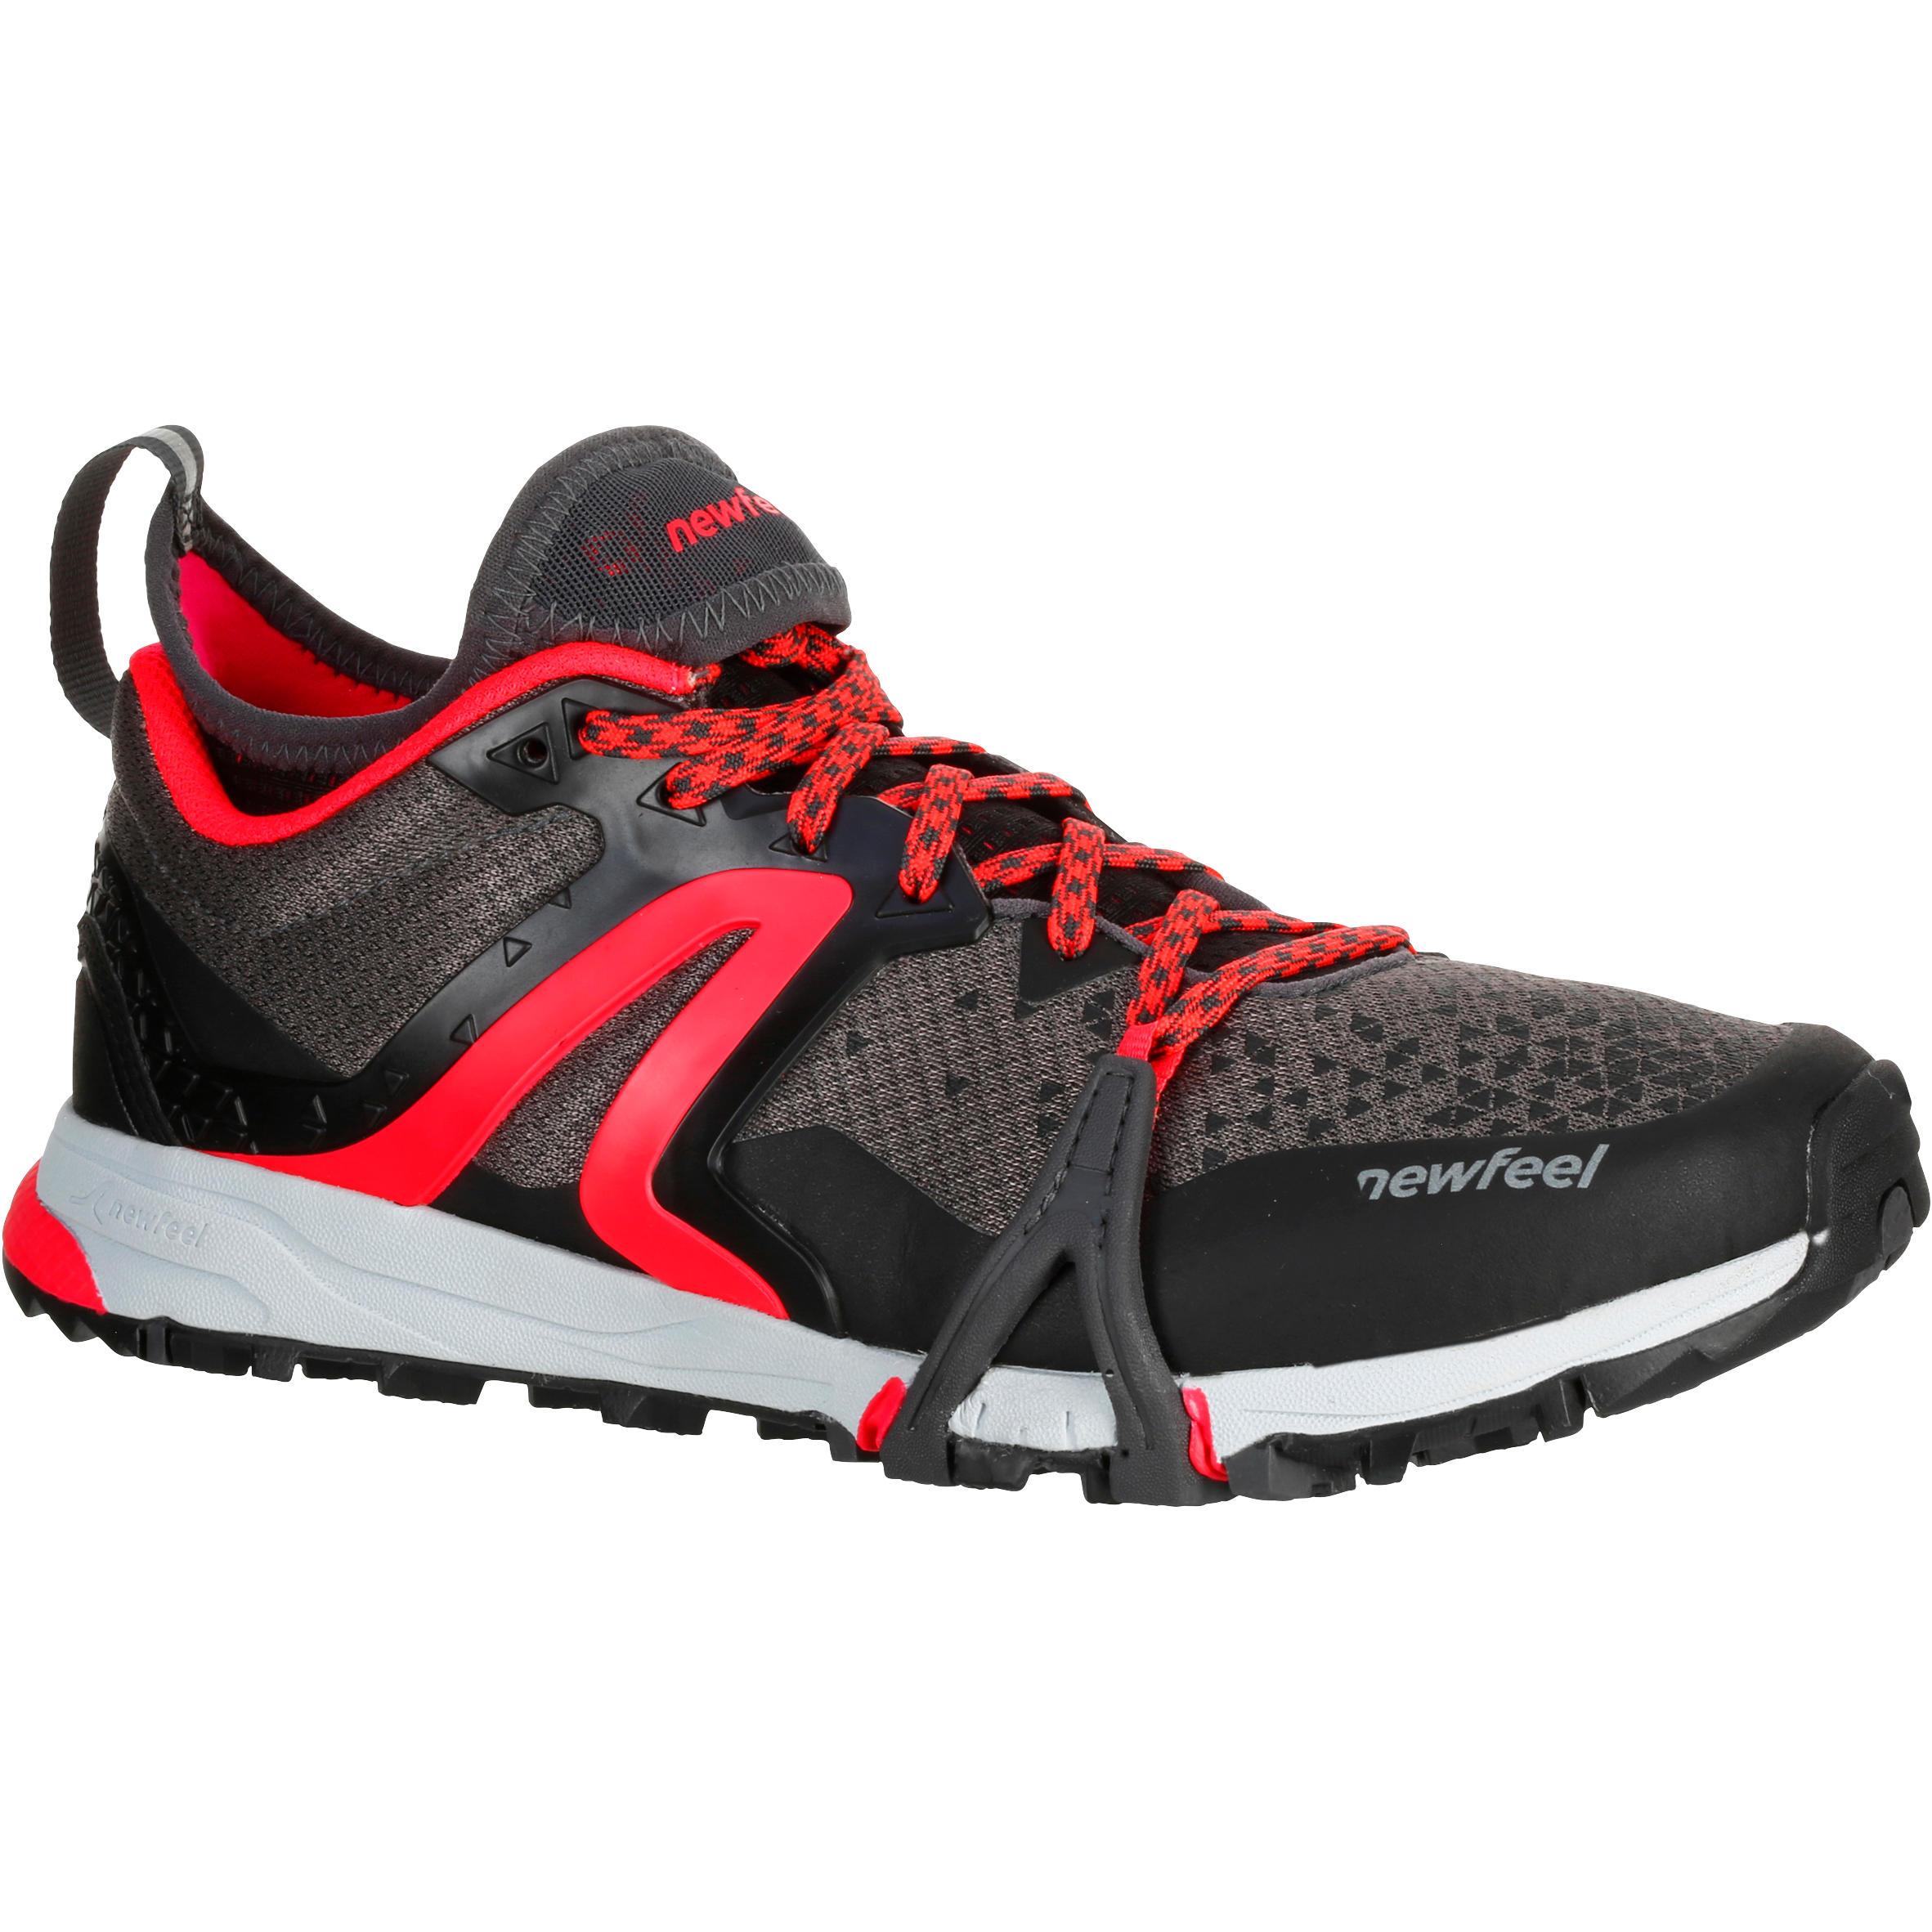 Newfeel Schoenen voor Nordic Walking dames NW 900 zwart/roze